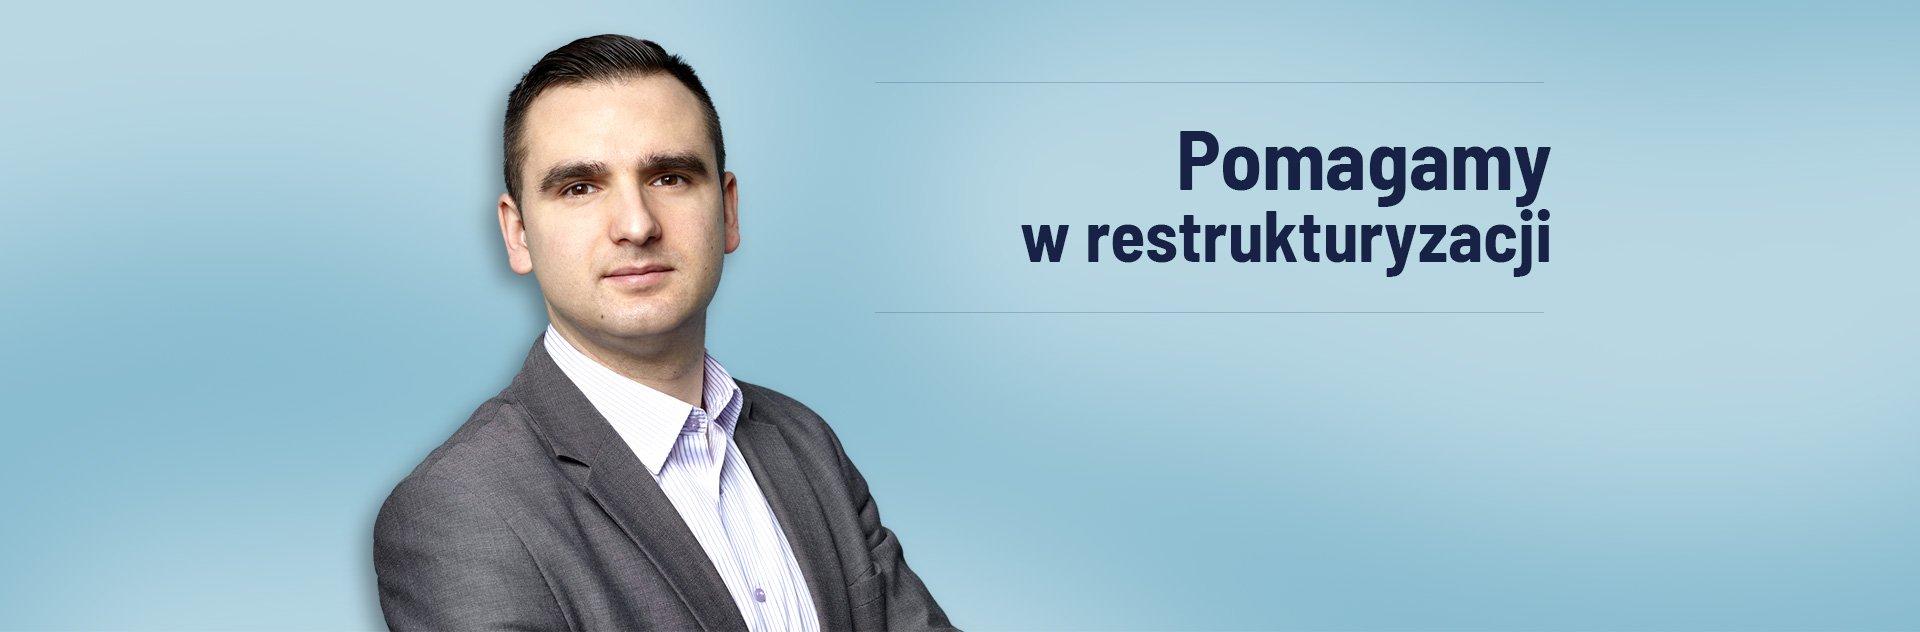 Pomagamy w restrukturyzacji